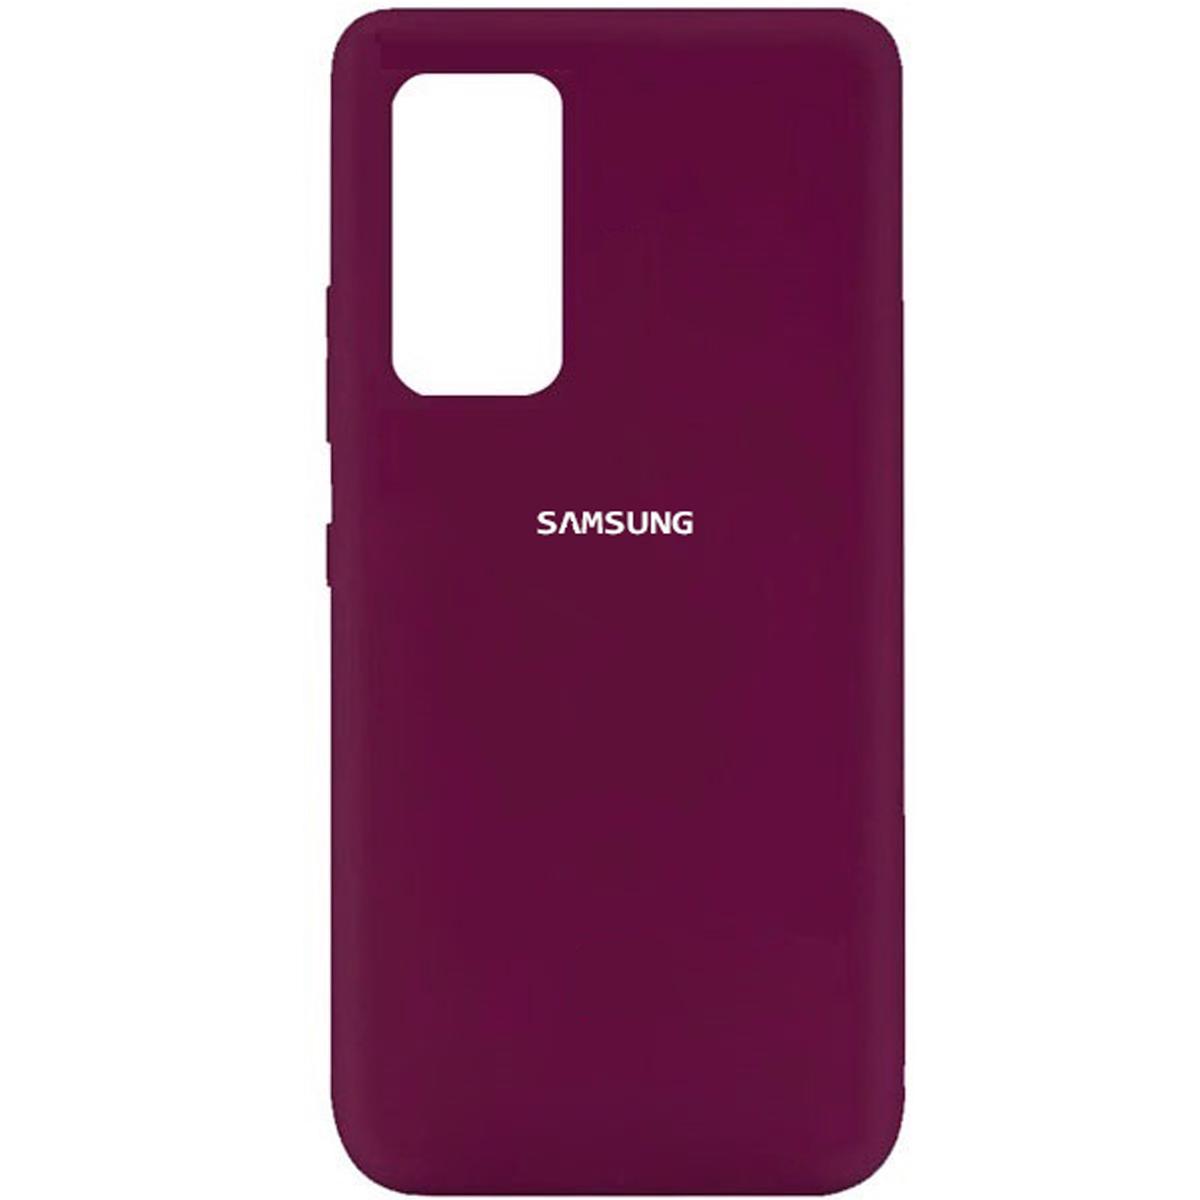 خرید اینترنتی [با تخفیف] کاور مدل PHSILK مناسب برای گوشی موبایل سامسونگ Galaxy A72 غیر اصلاورجینال